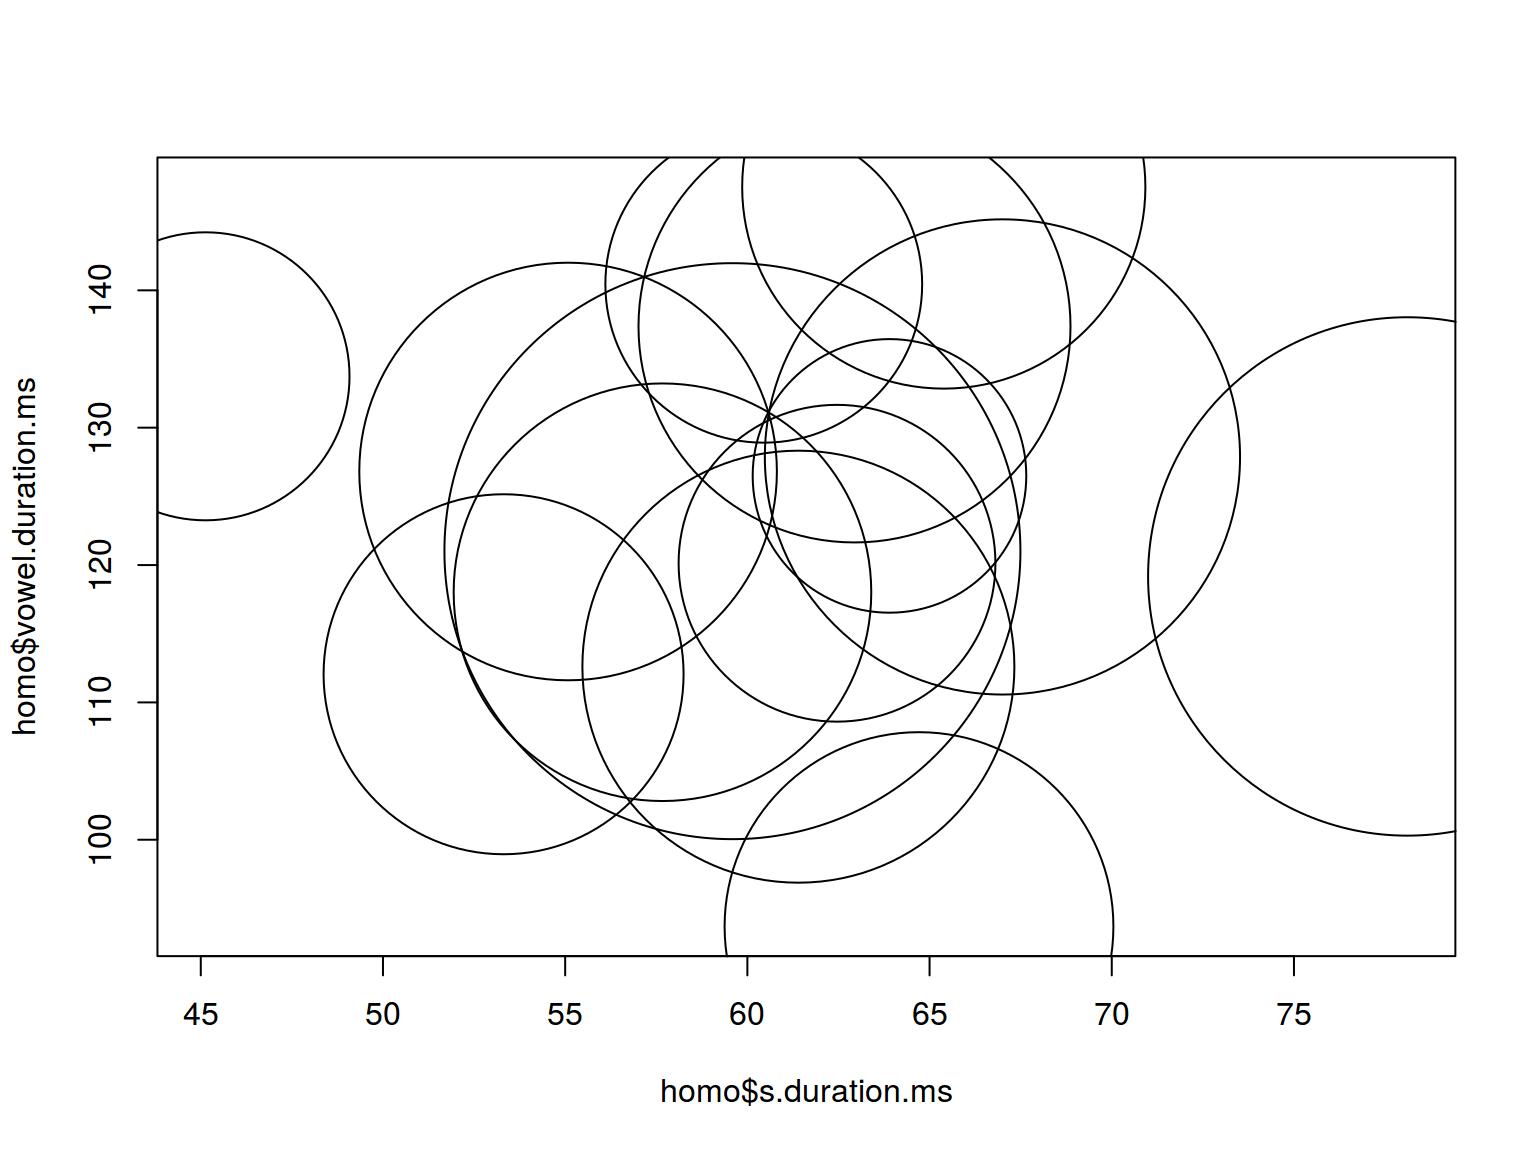 Data manipulation and visualization